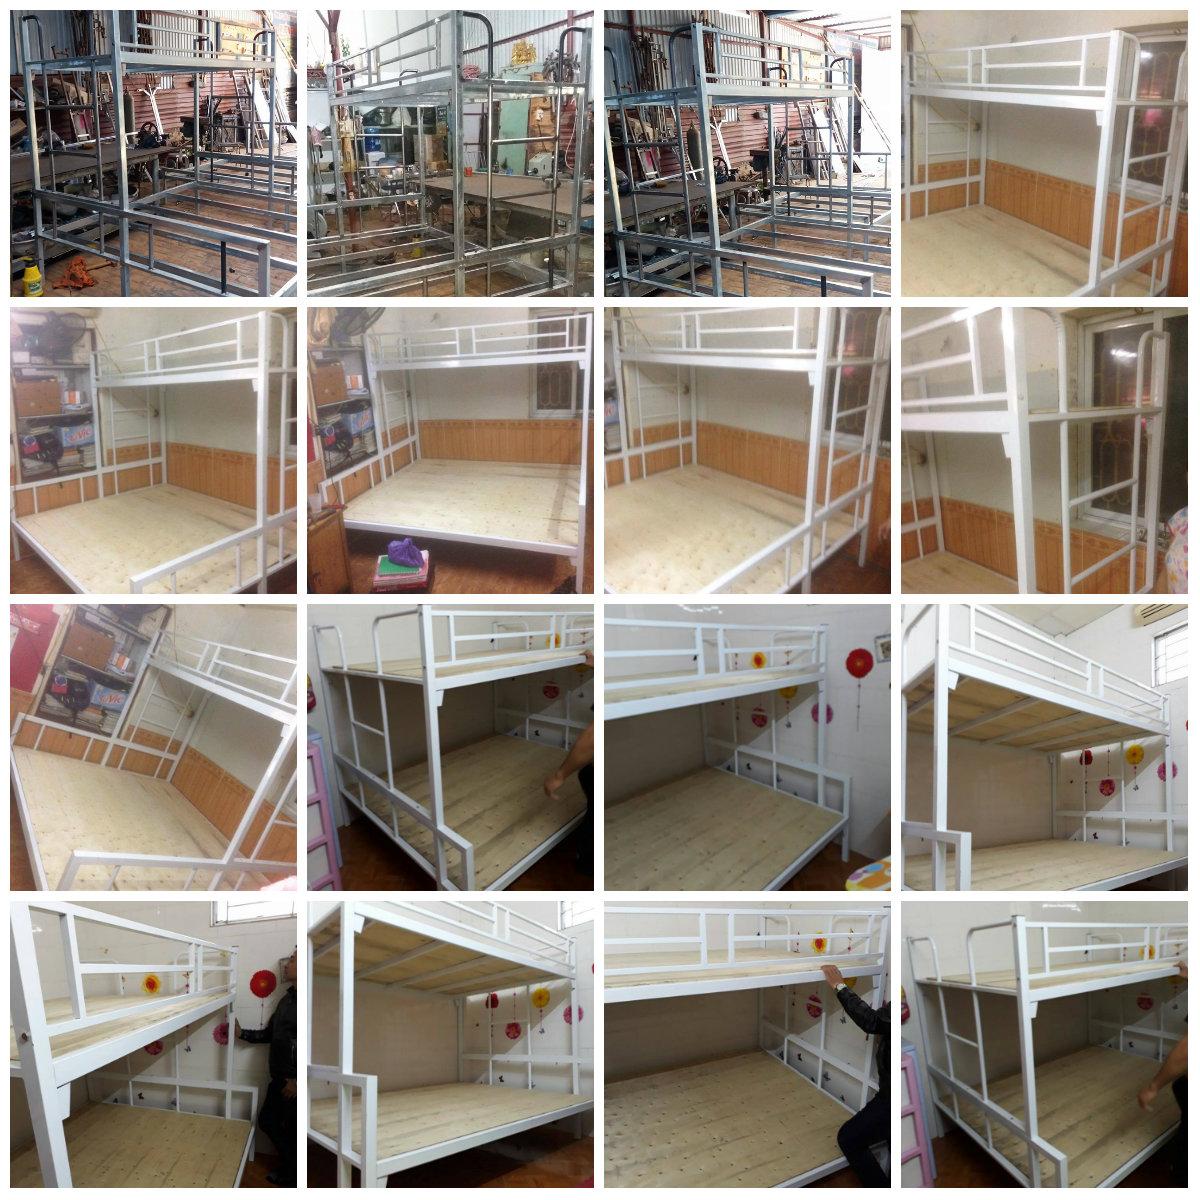 16 Chuyên sản xuất giường tầng sắt, giường tầng inox trường học,khu lưu trú,nhà ở công nhân viên giá rẻ